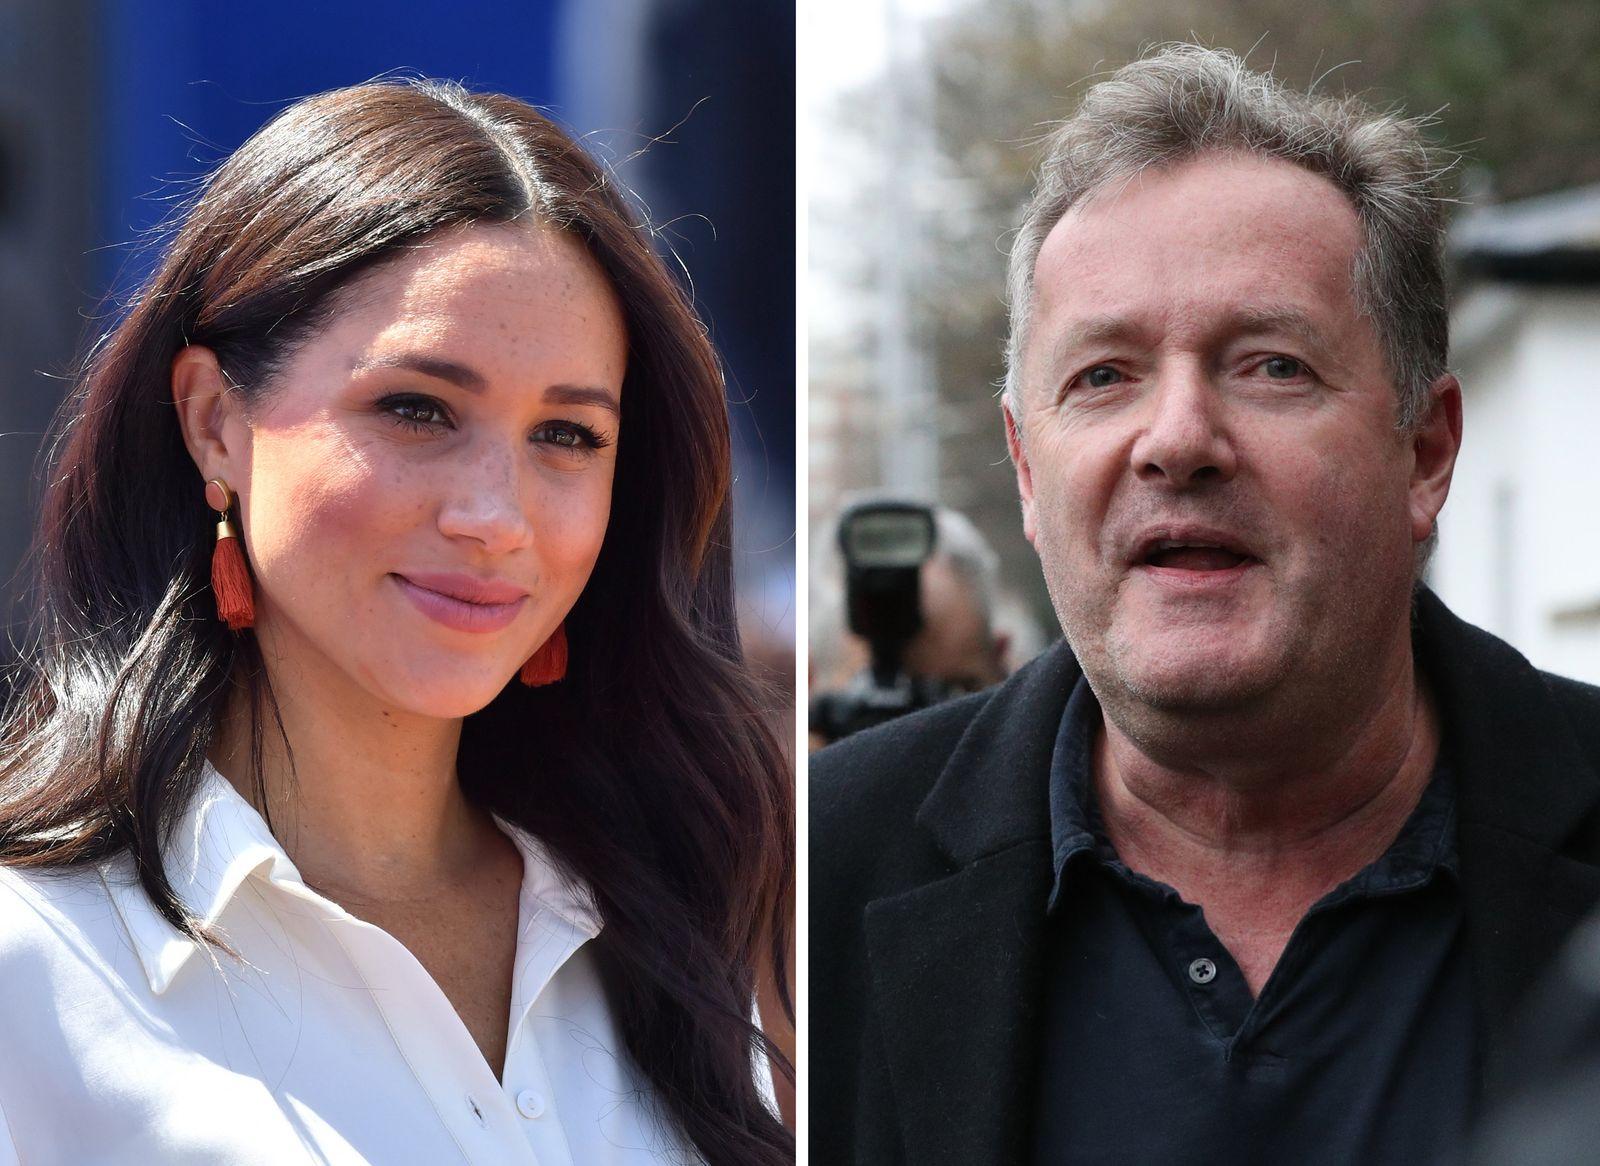 Beschwerde Herzogin Meghan gegen Moderator Morgan abgewiesen